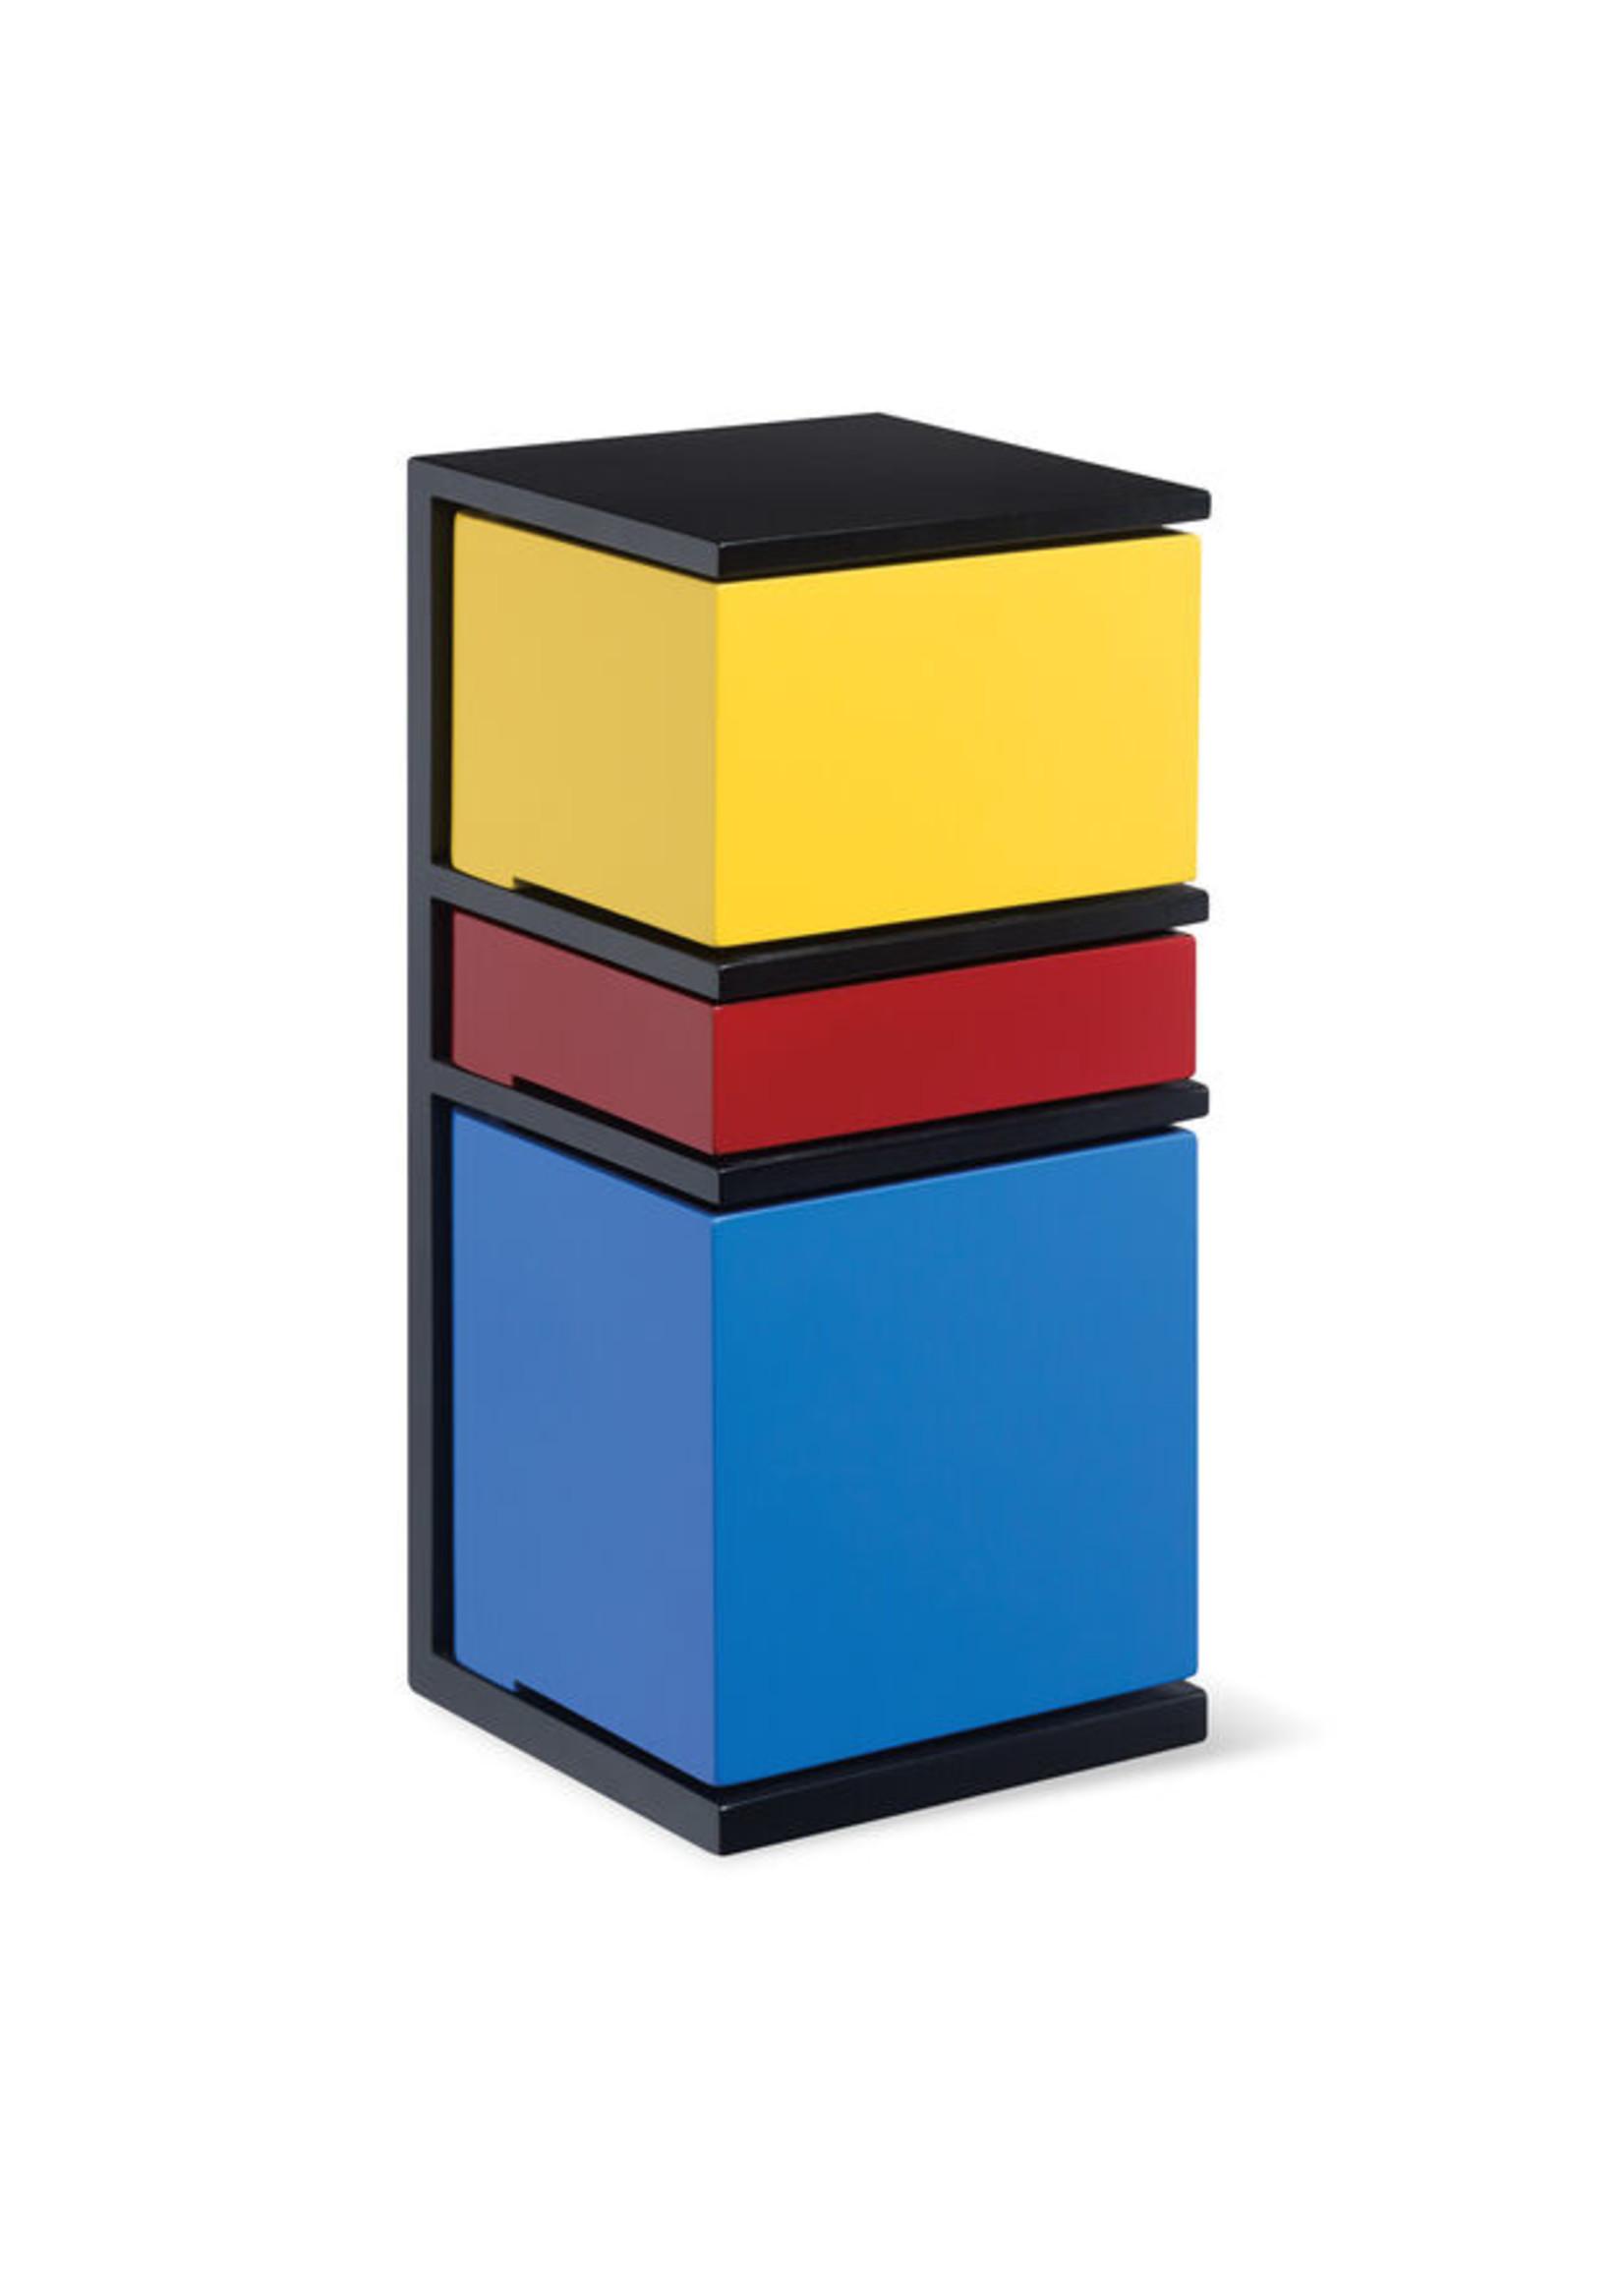 Opslagtoren van MoMA